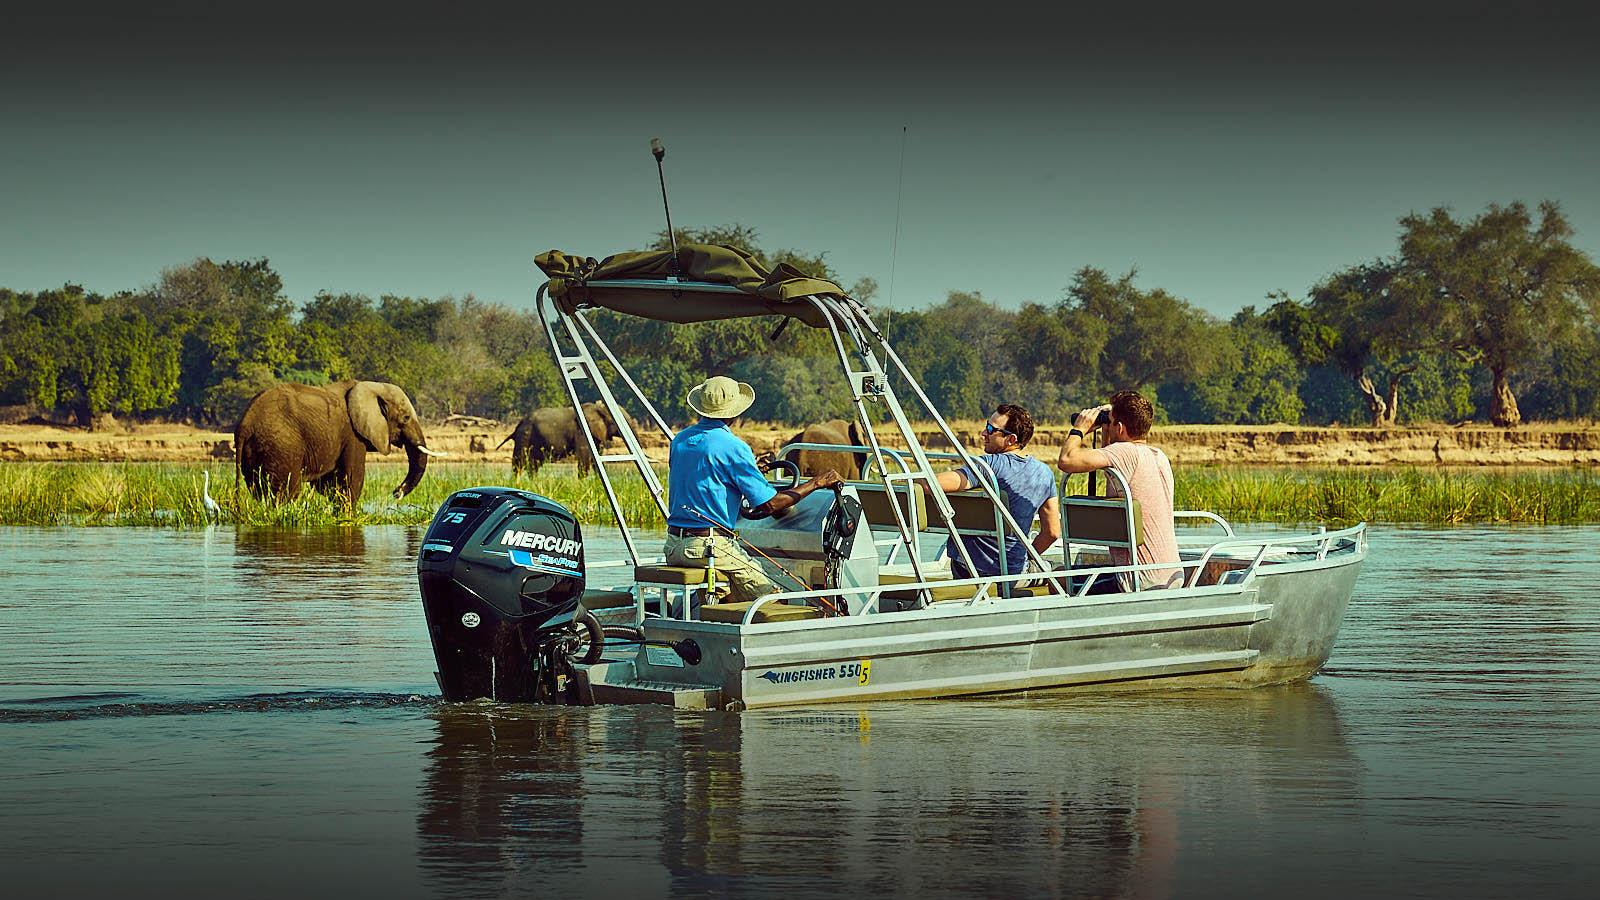 zambezi grande zambia-in-style-lower-zambezi-national-park-modern-lodges-river-safari-adventure-elephants